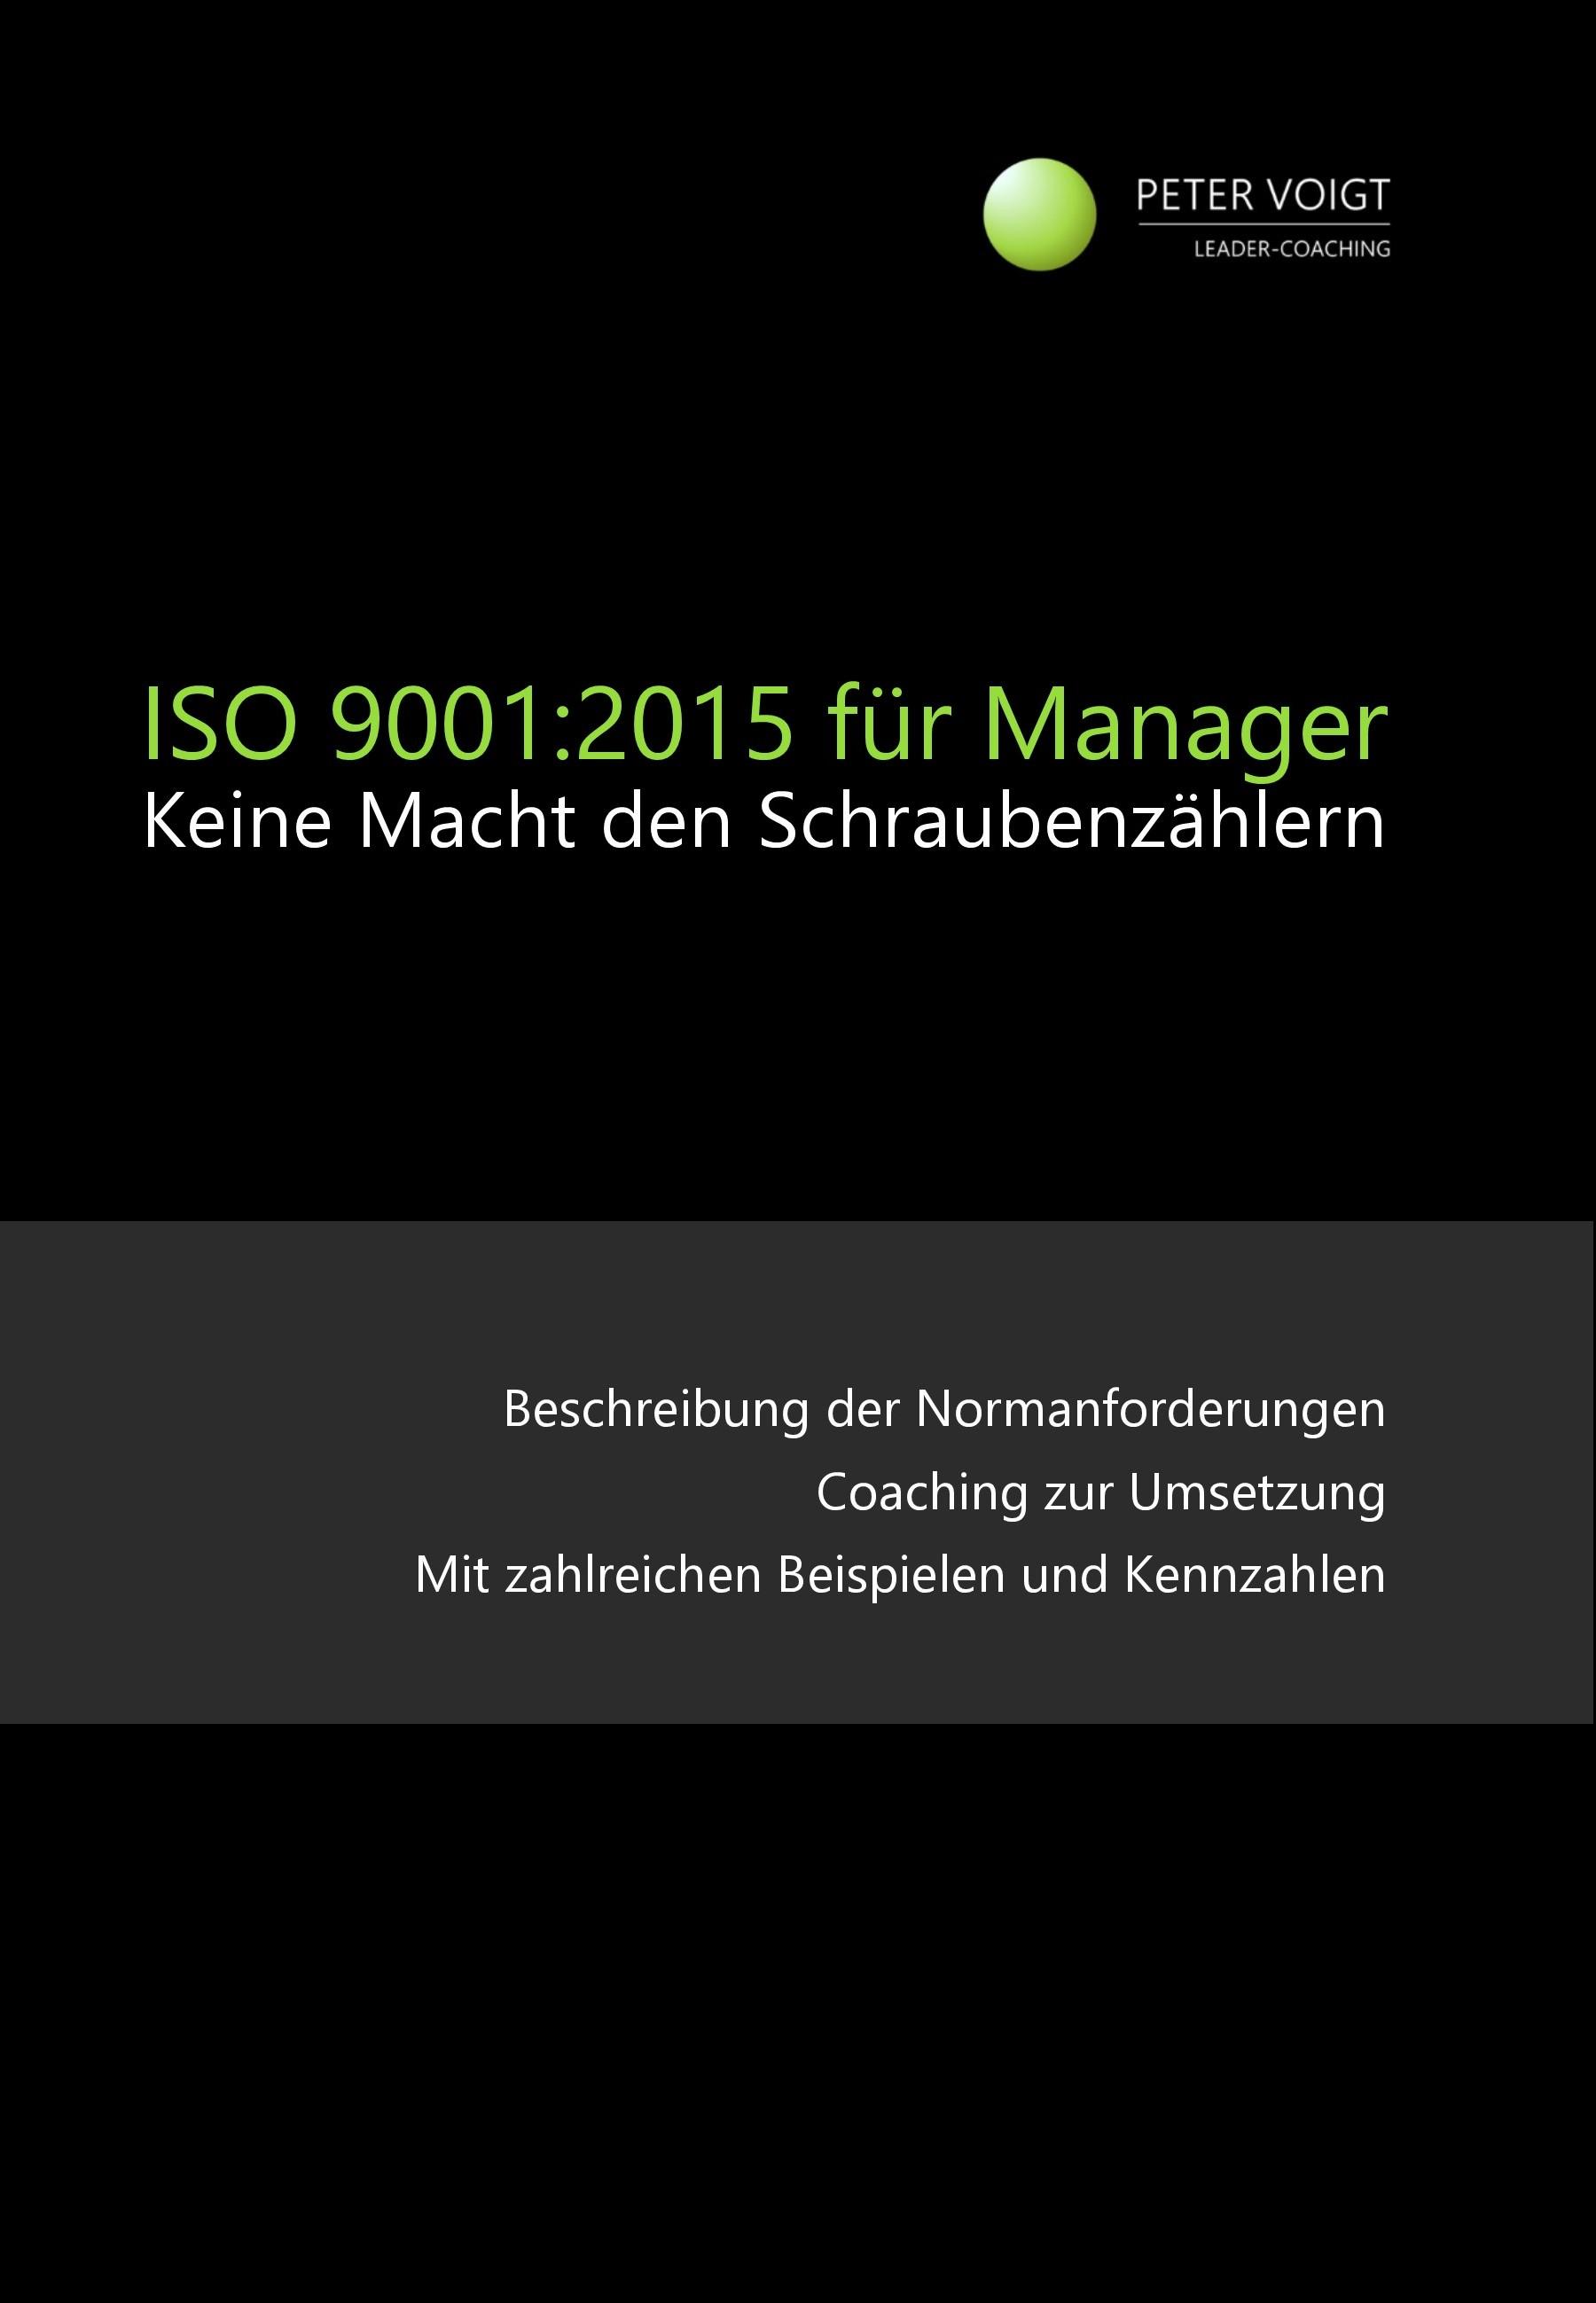 ISO-9001:2015-Keine Macht den Schraubenzählern